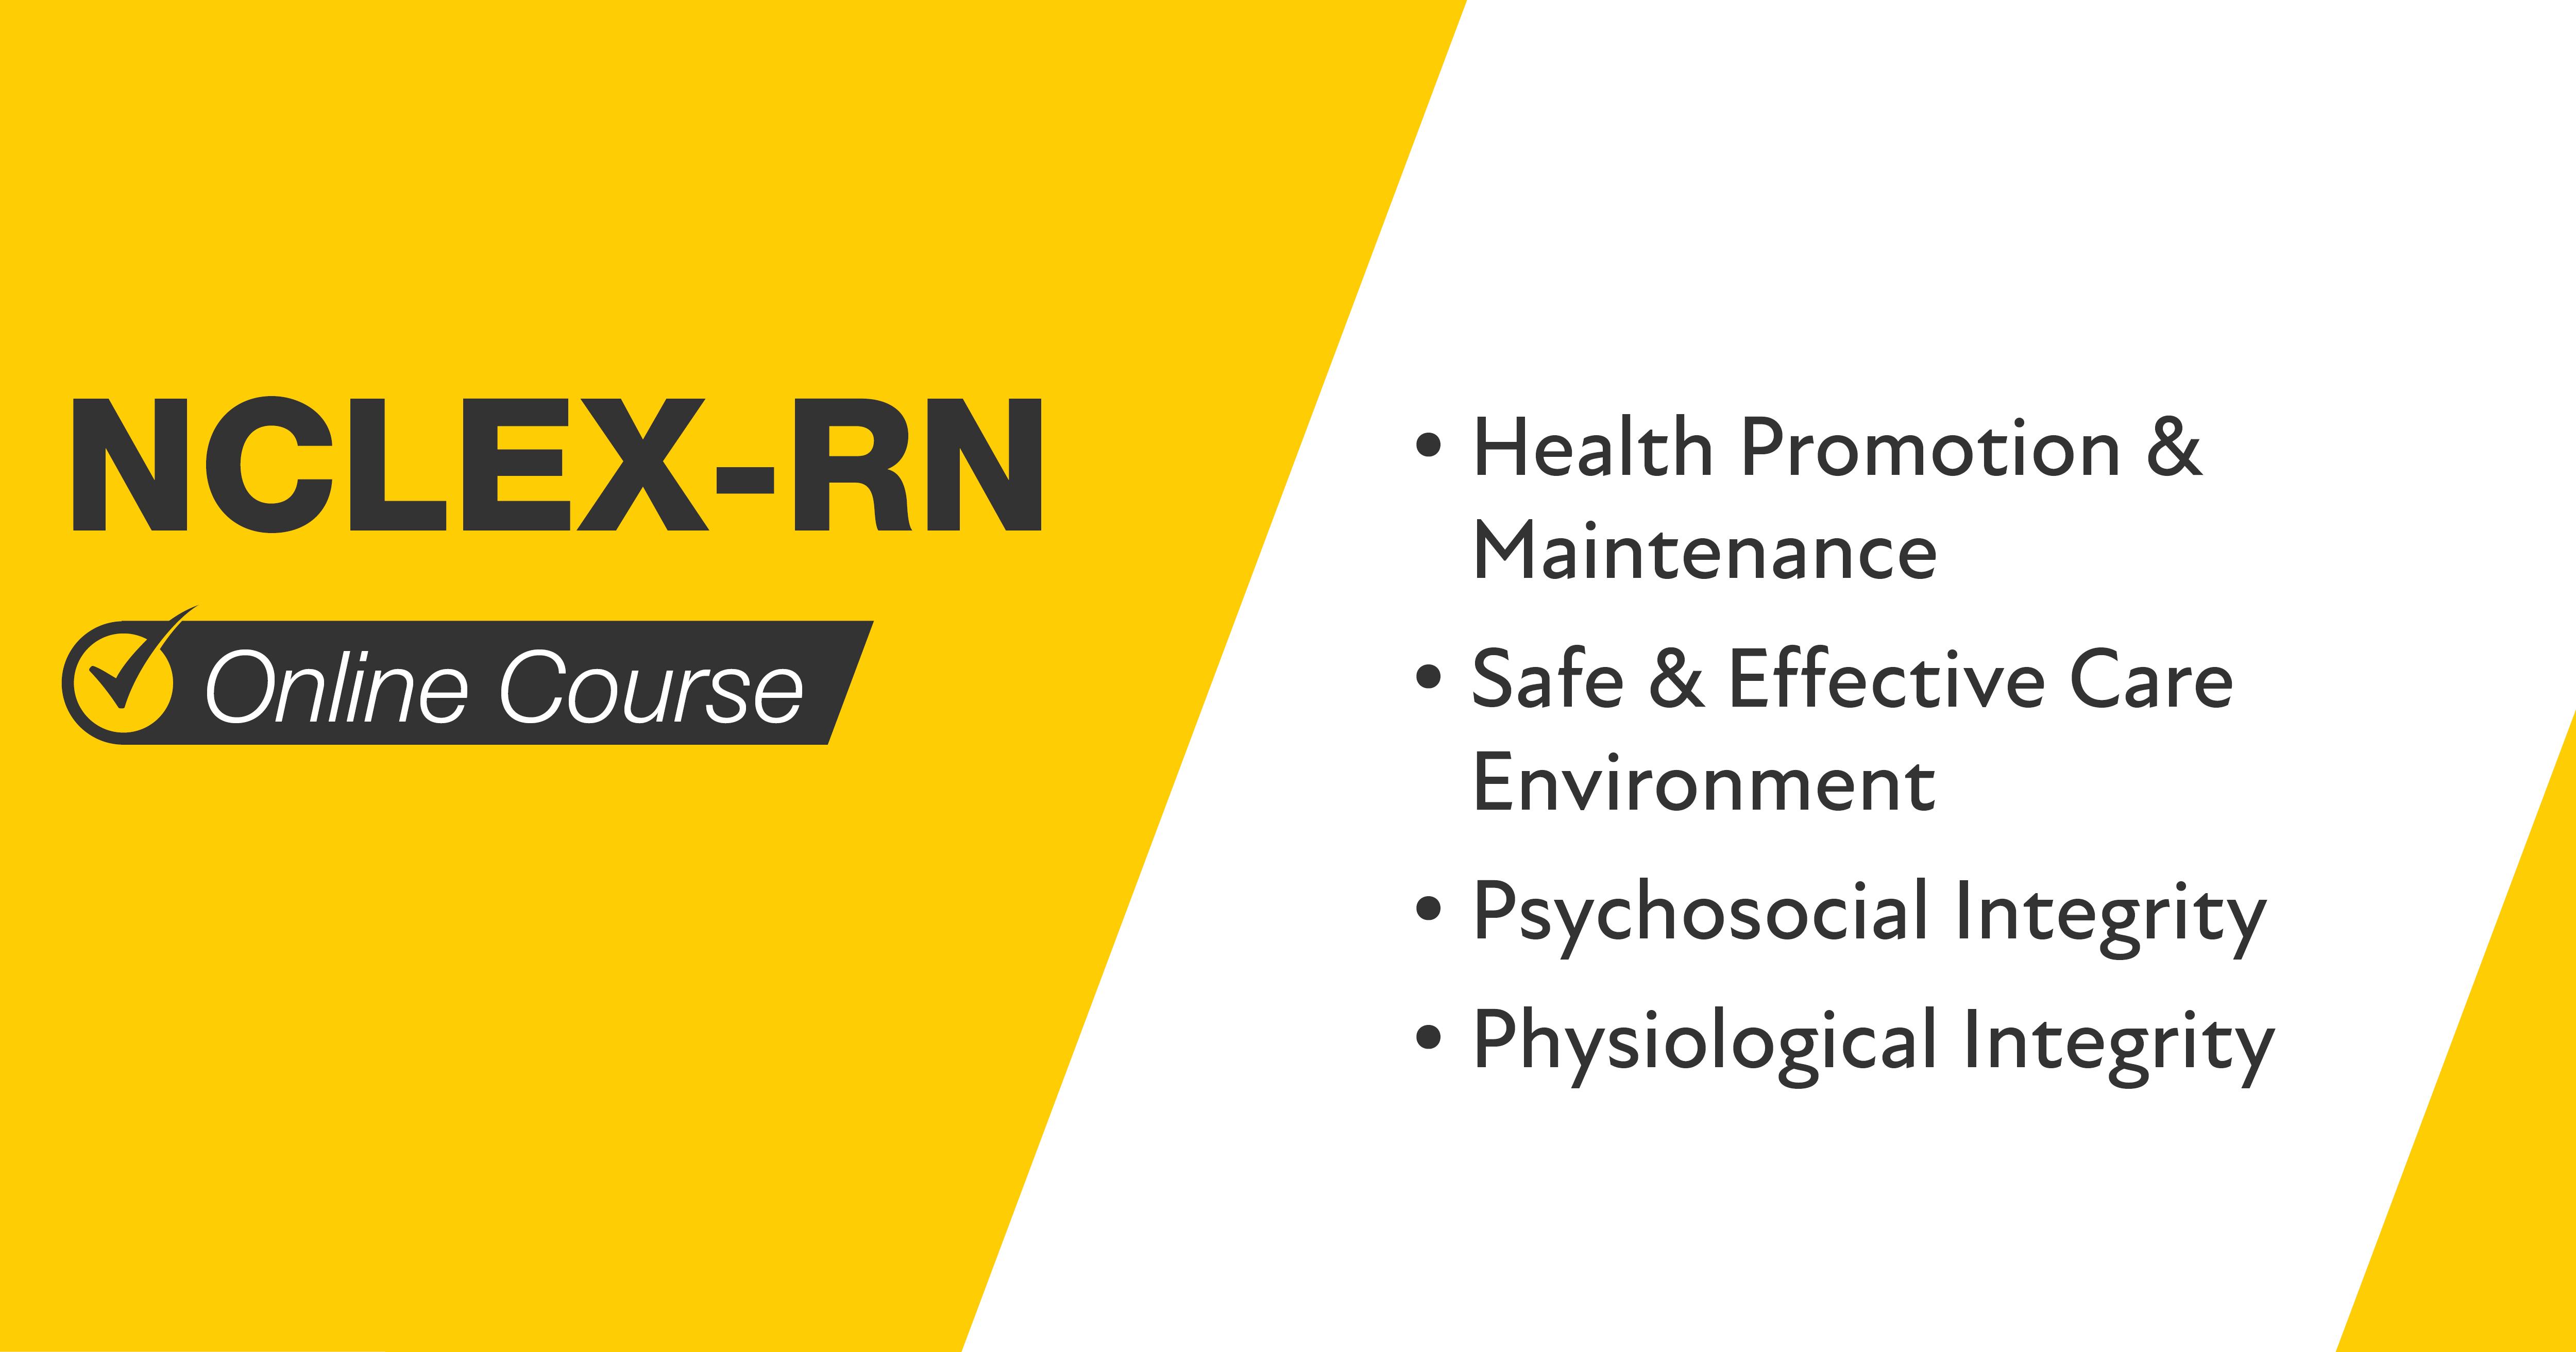 Mometrix NCLEX-RN Course